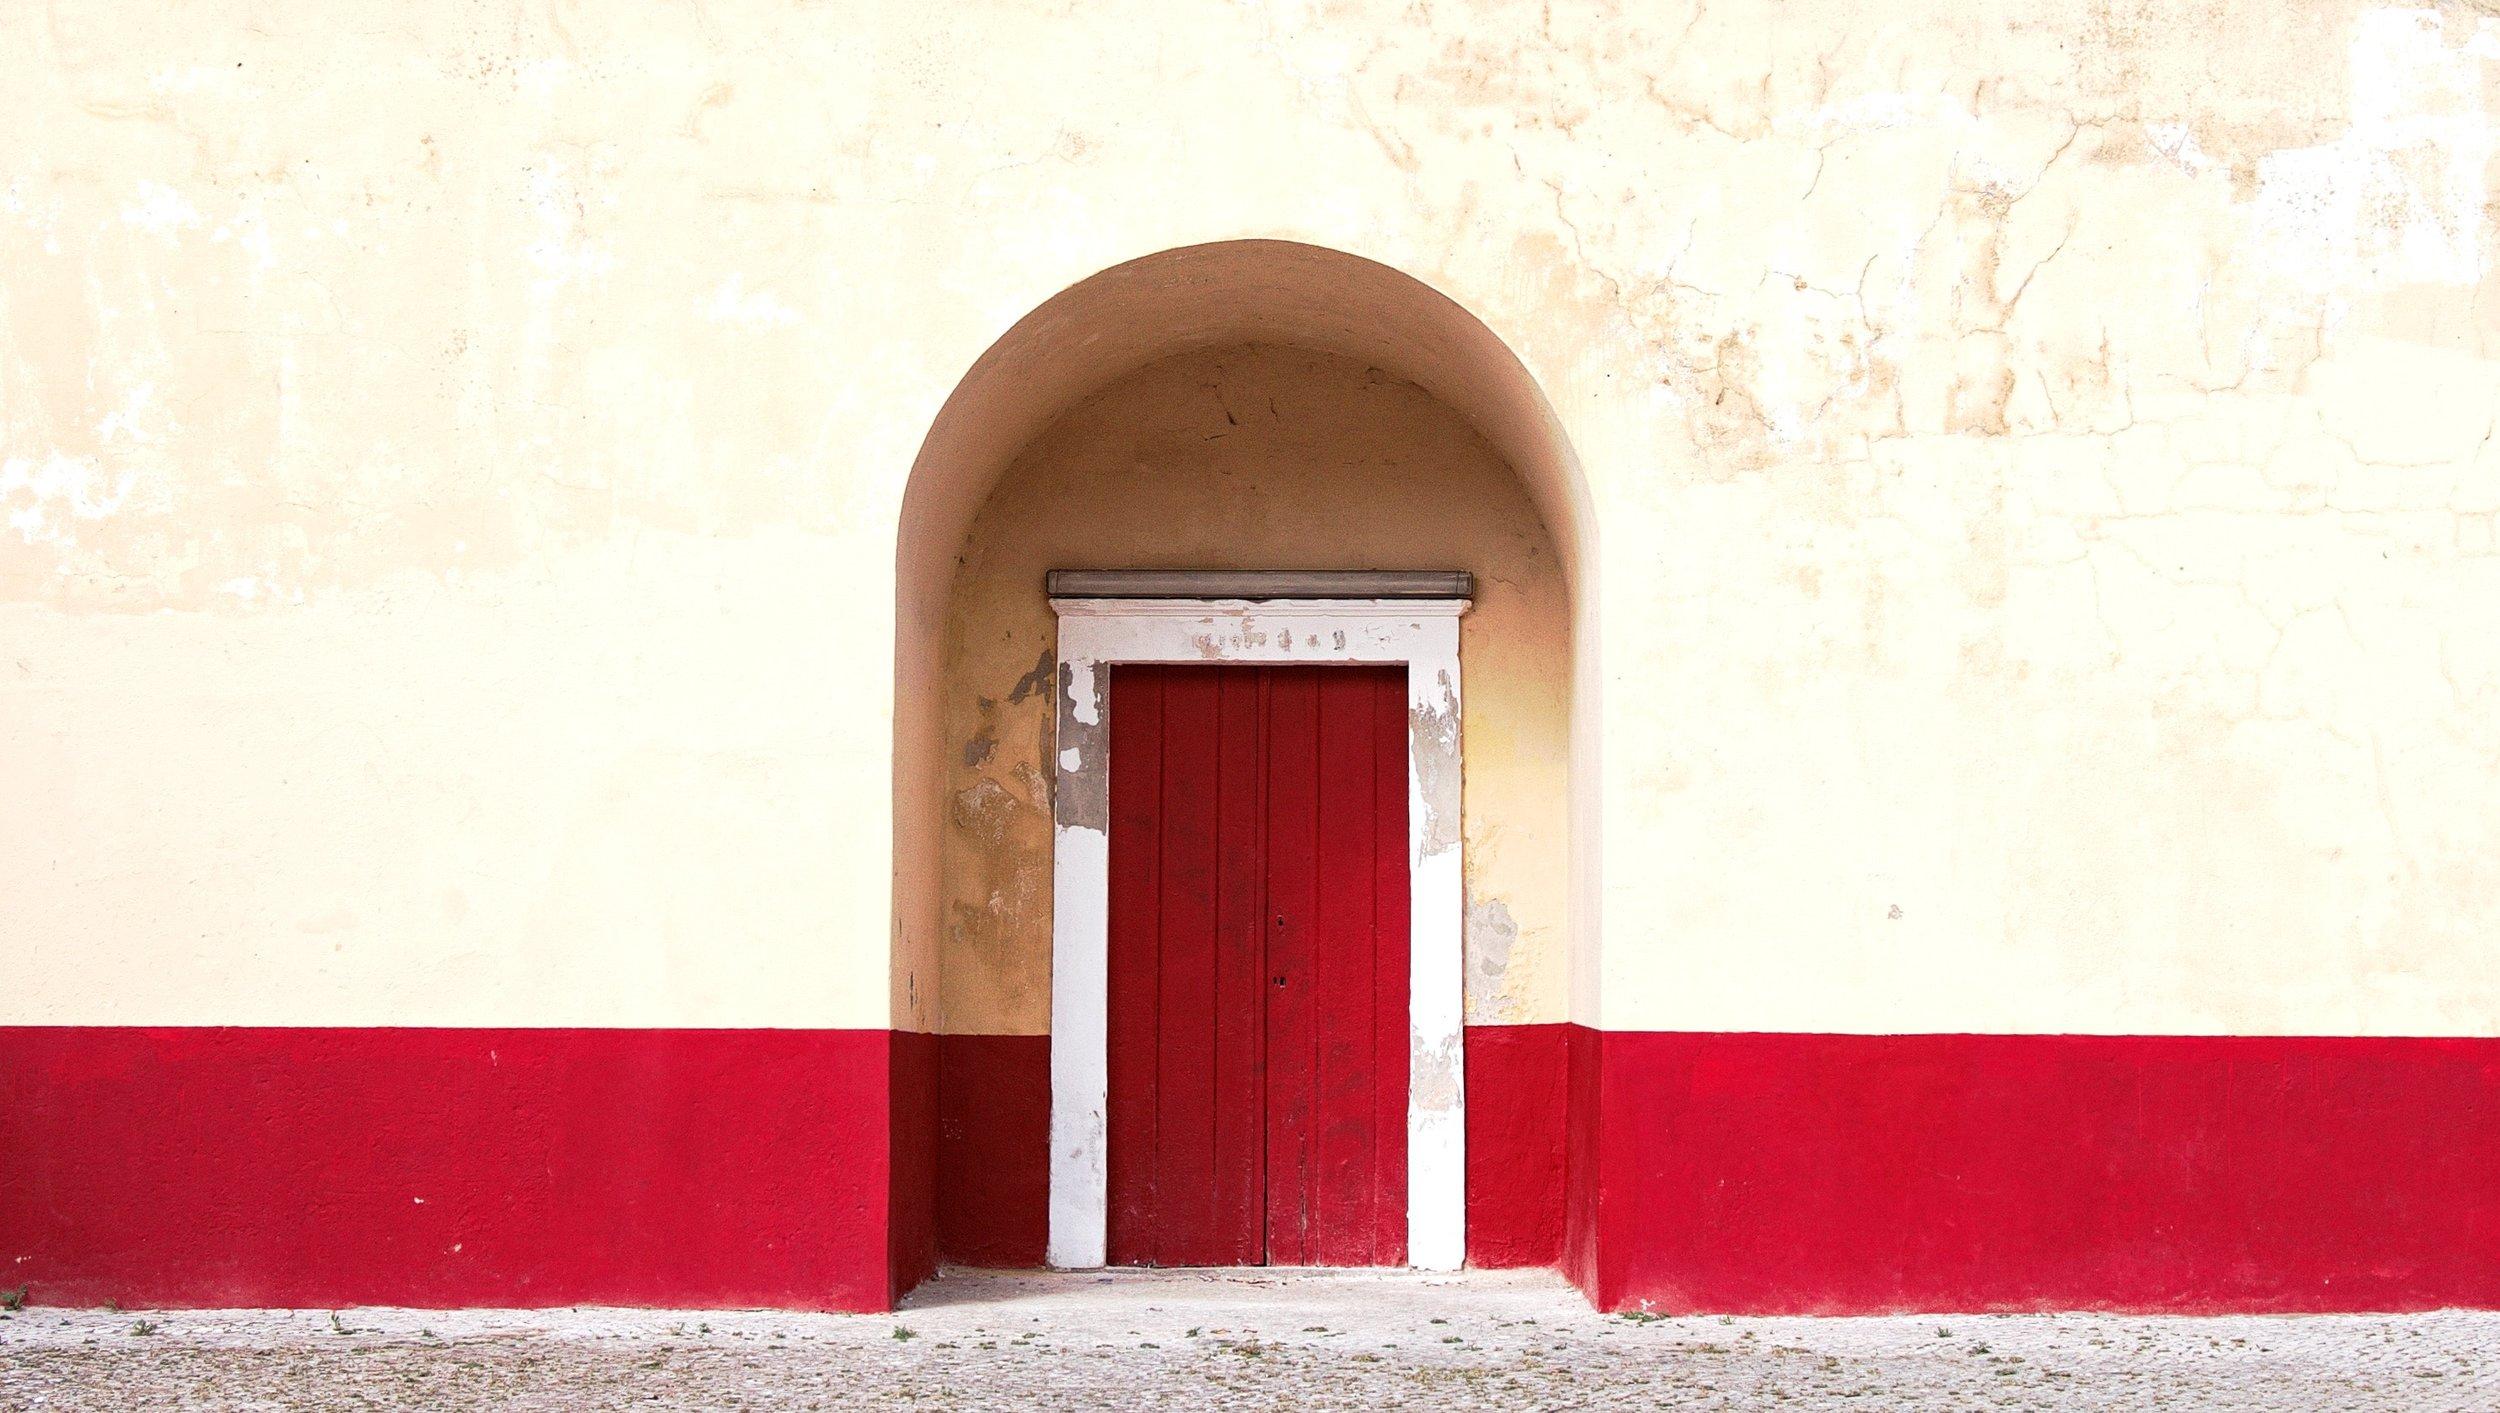 """马拉喀什是摩洛哥四大皇城之一,有南部首都之称,也是摩洛哥旅游胜地。该城于1062年穆瓦黑杜王朝开始建设,至今已有900多年的历史。著名的""""红城""""(建筑物的颜色是红褐色)建于1070年,被认为是纯正穆斯林的建筑艺术。摩洛哥皇室的35座宫殿中,也只有马拉喀什的宫殿可以让人参观。"""